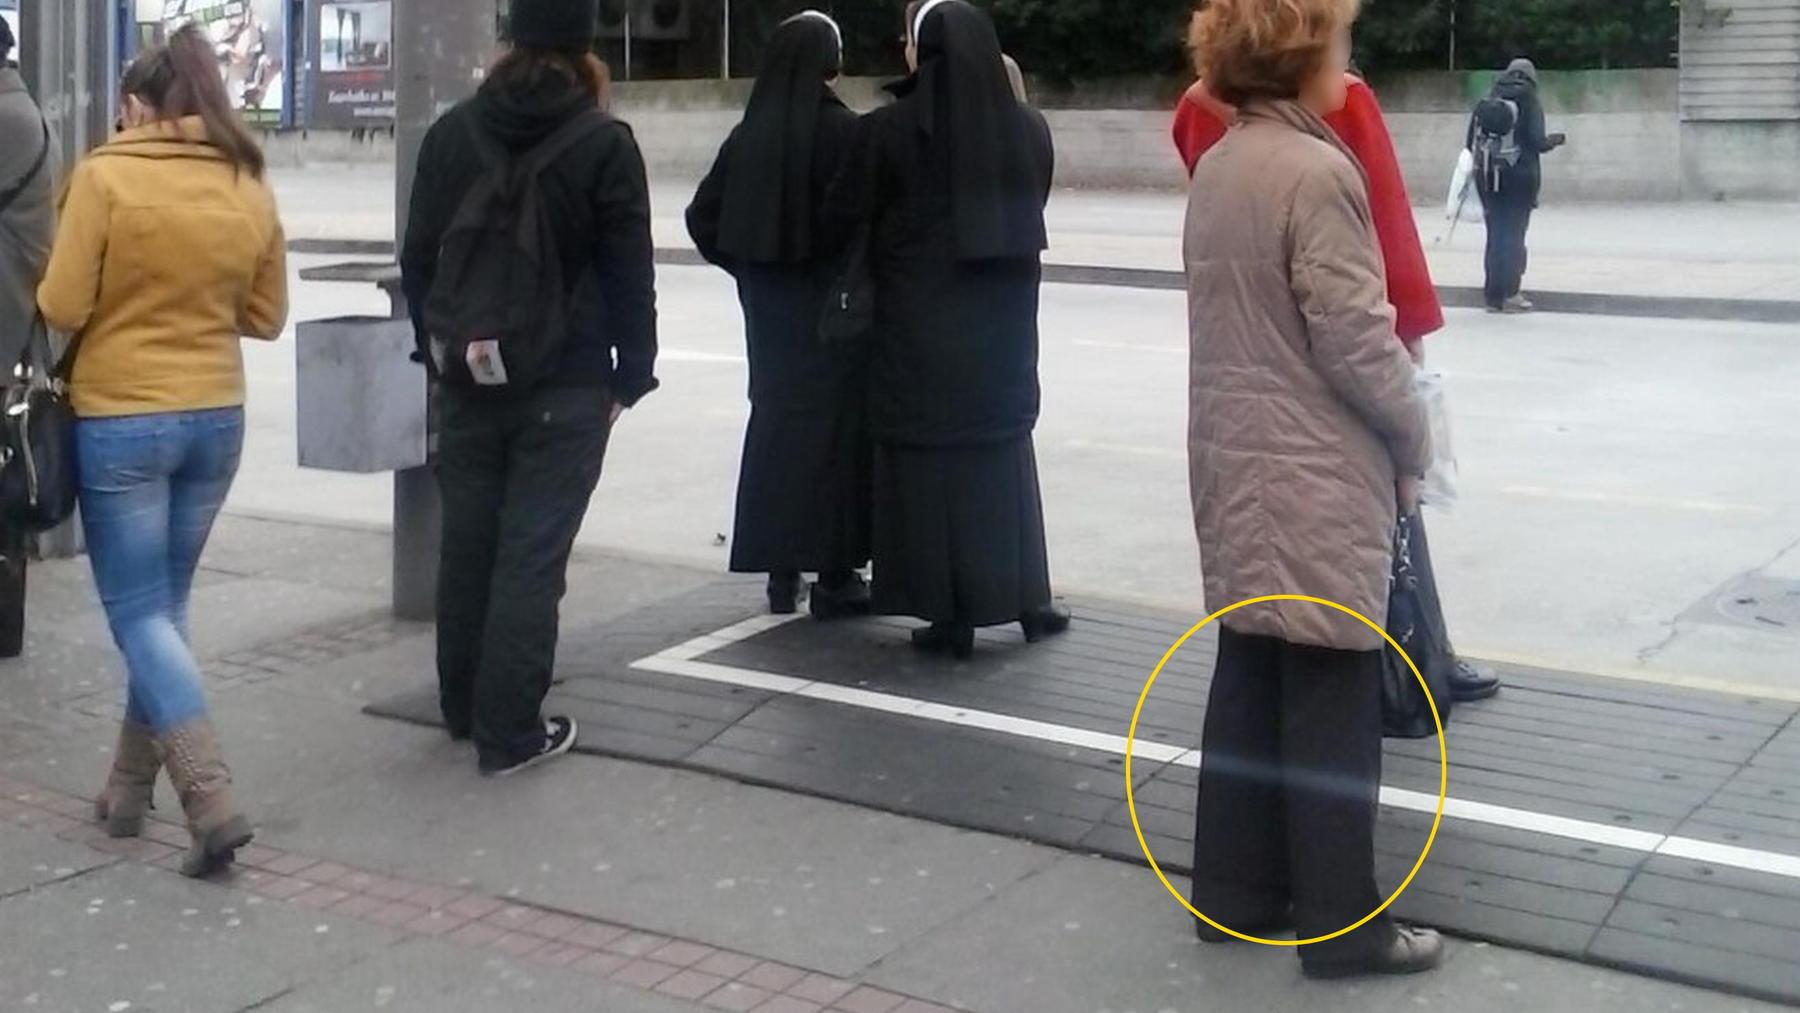 Mysteriöses Foto geht viral: Steht hier ein Geist an der Bushaltestelle?